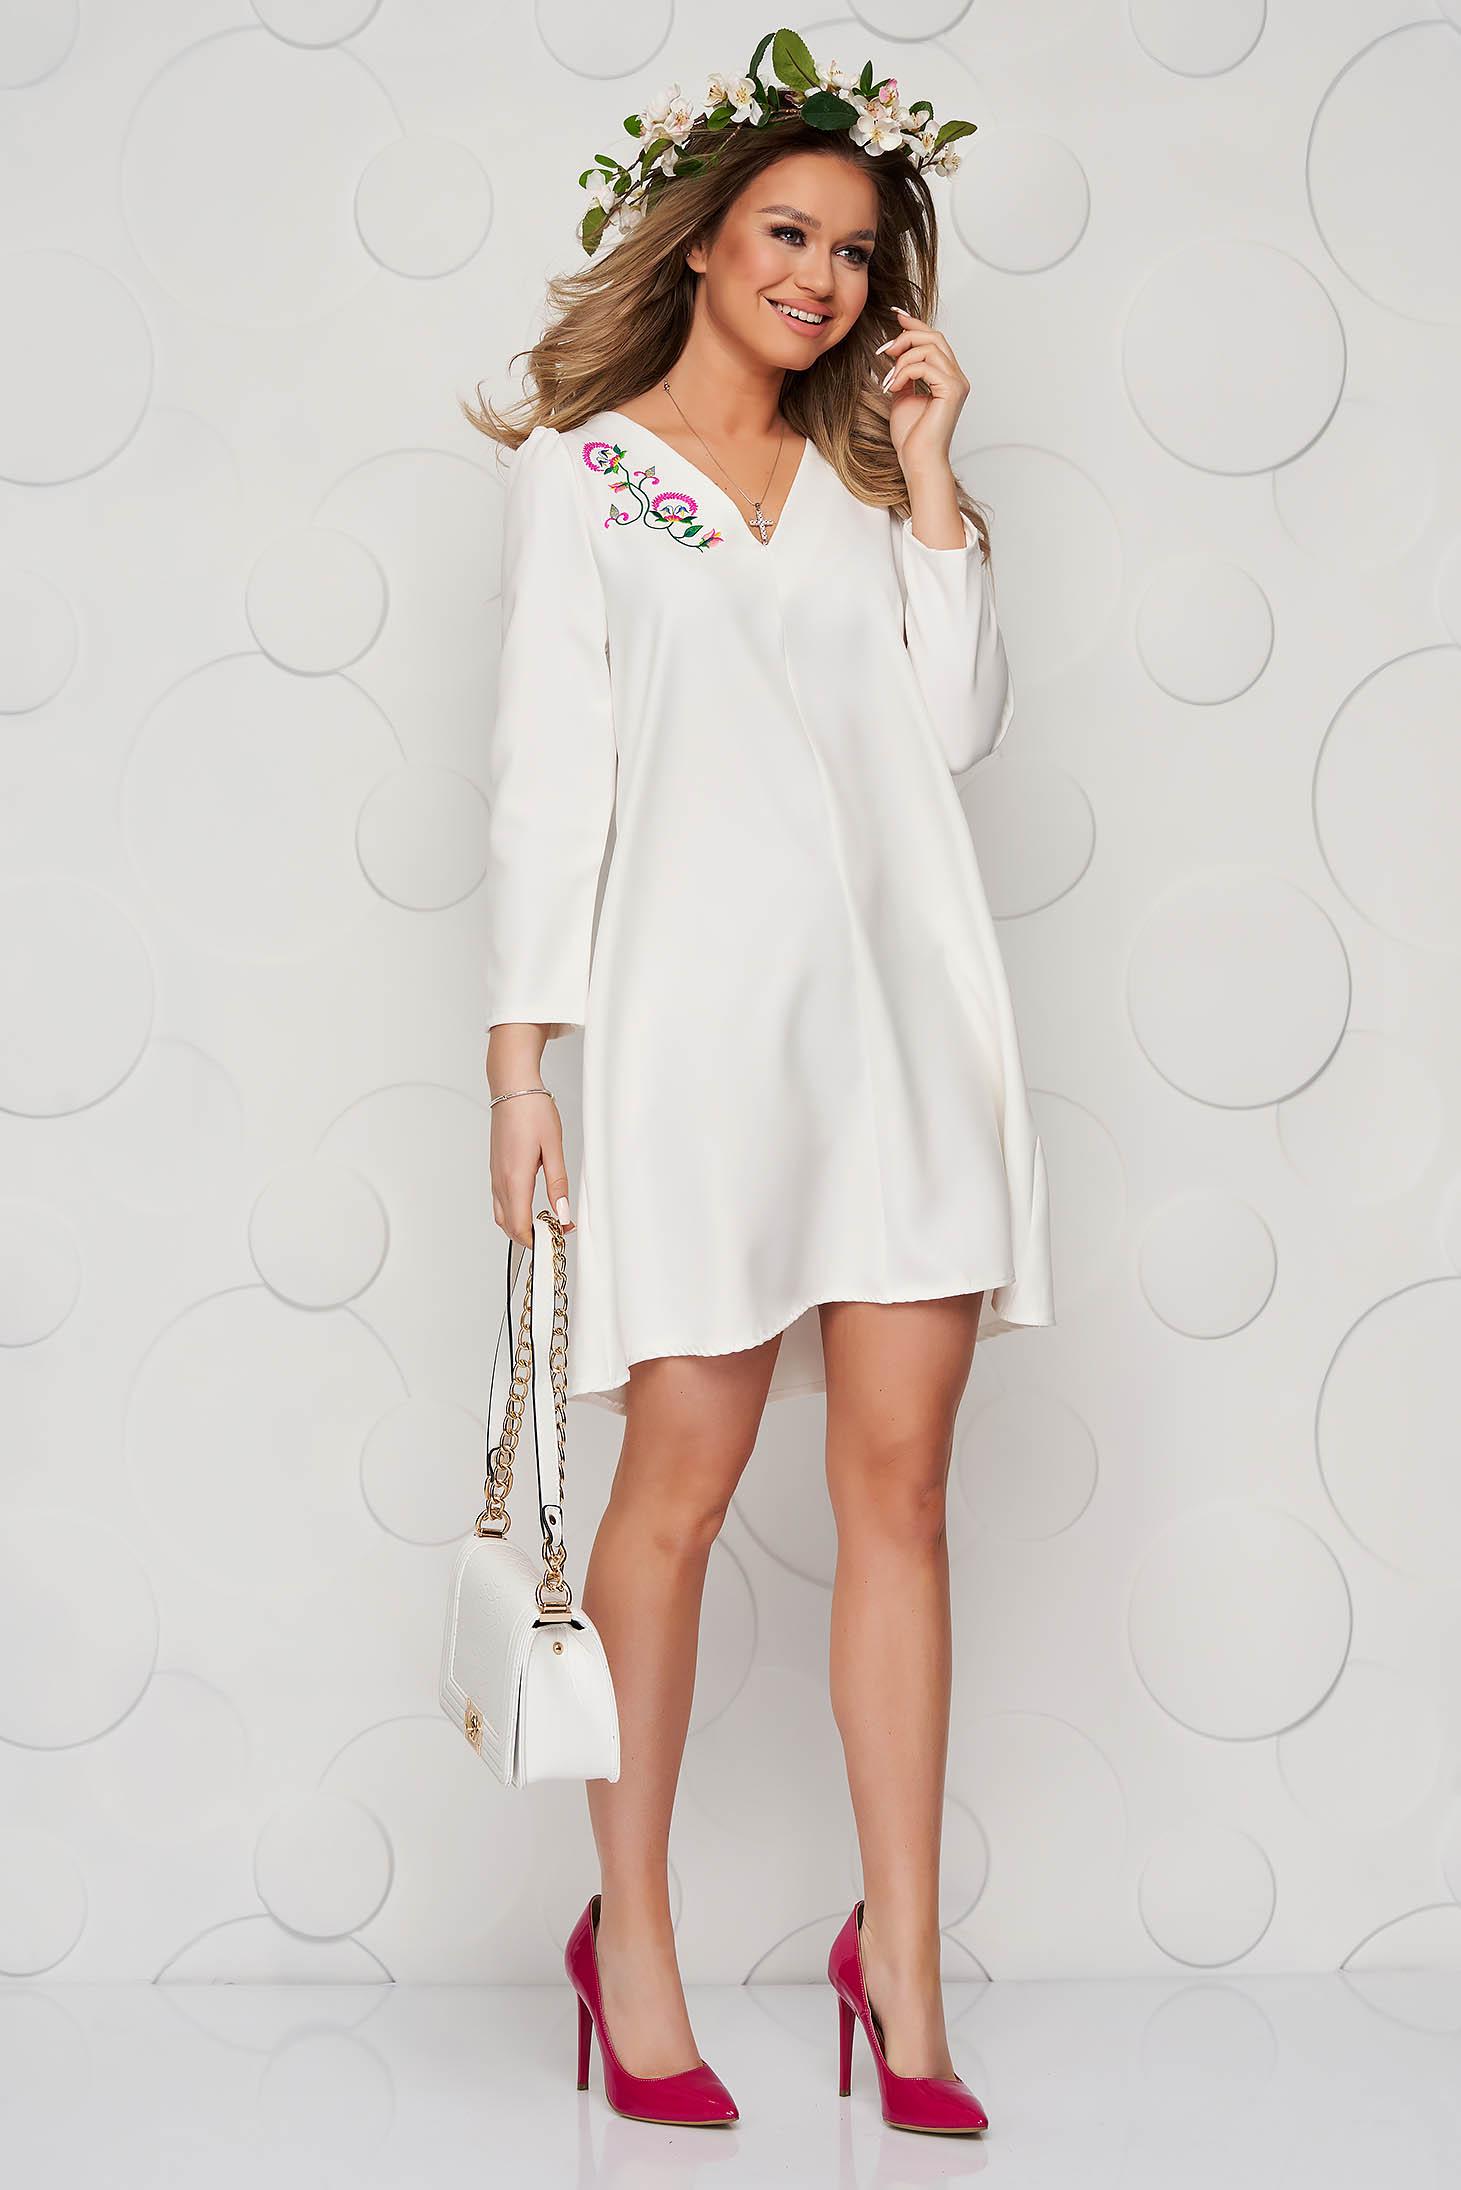 Fehér A-vonalú ruha enyhén rugalmas anyagból virágos hímzéssel